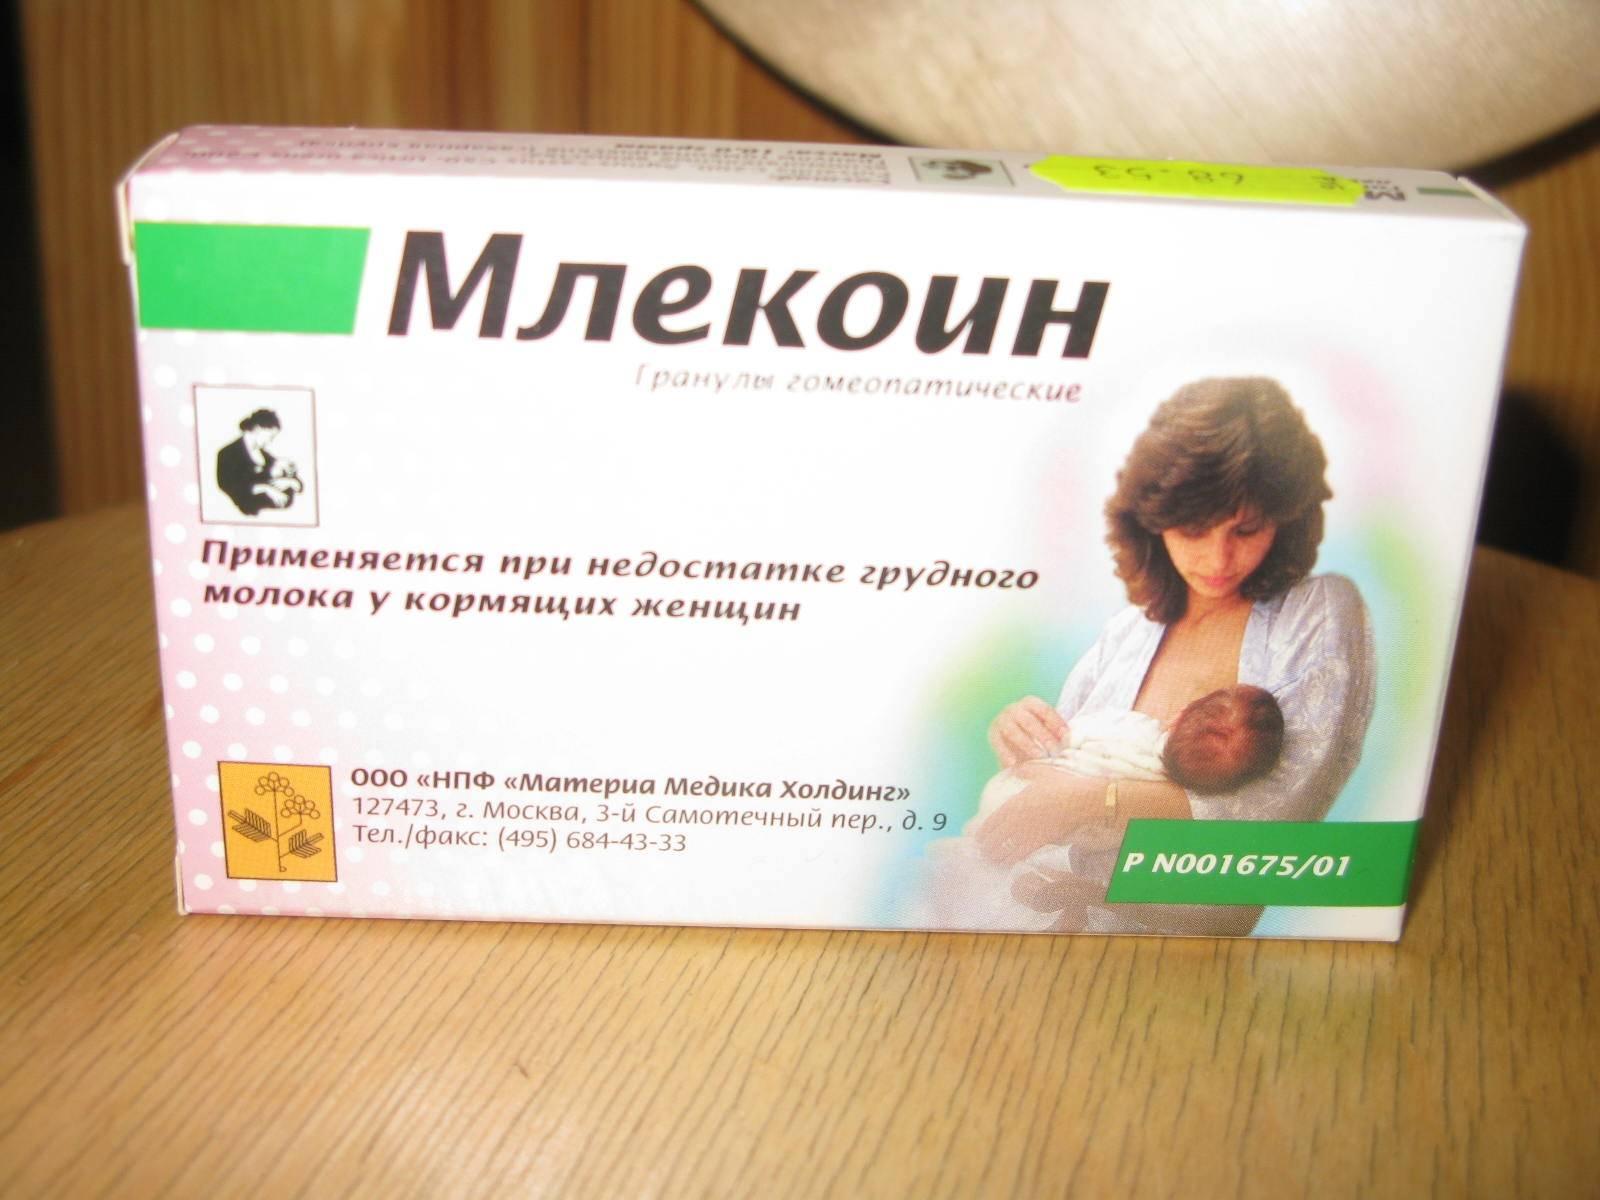 Средства и таблетки для прекращения лактации - симптомы и лечение. журнал медикал